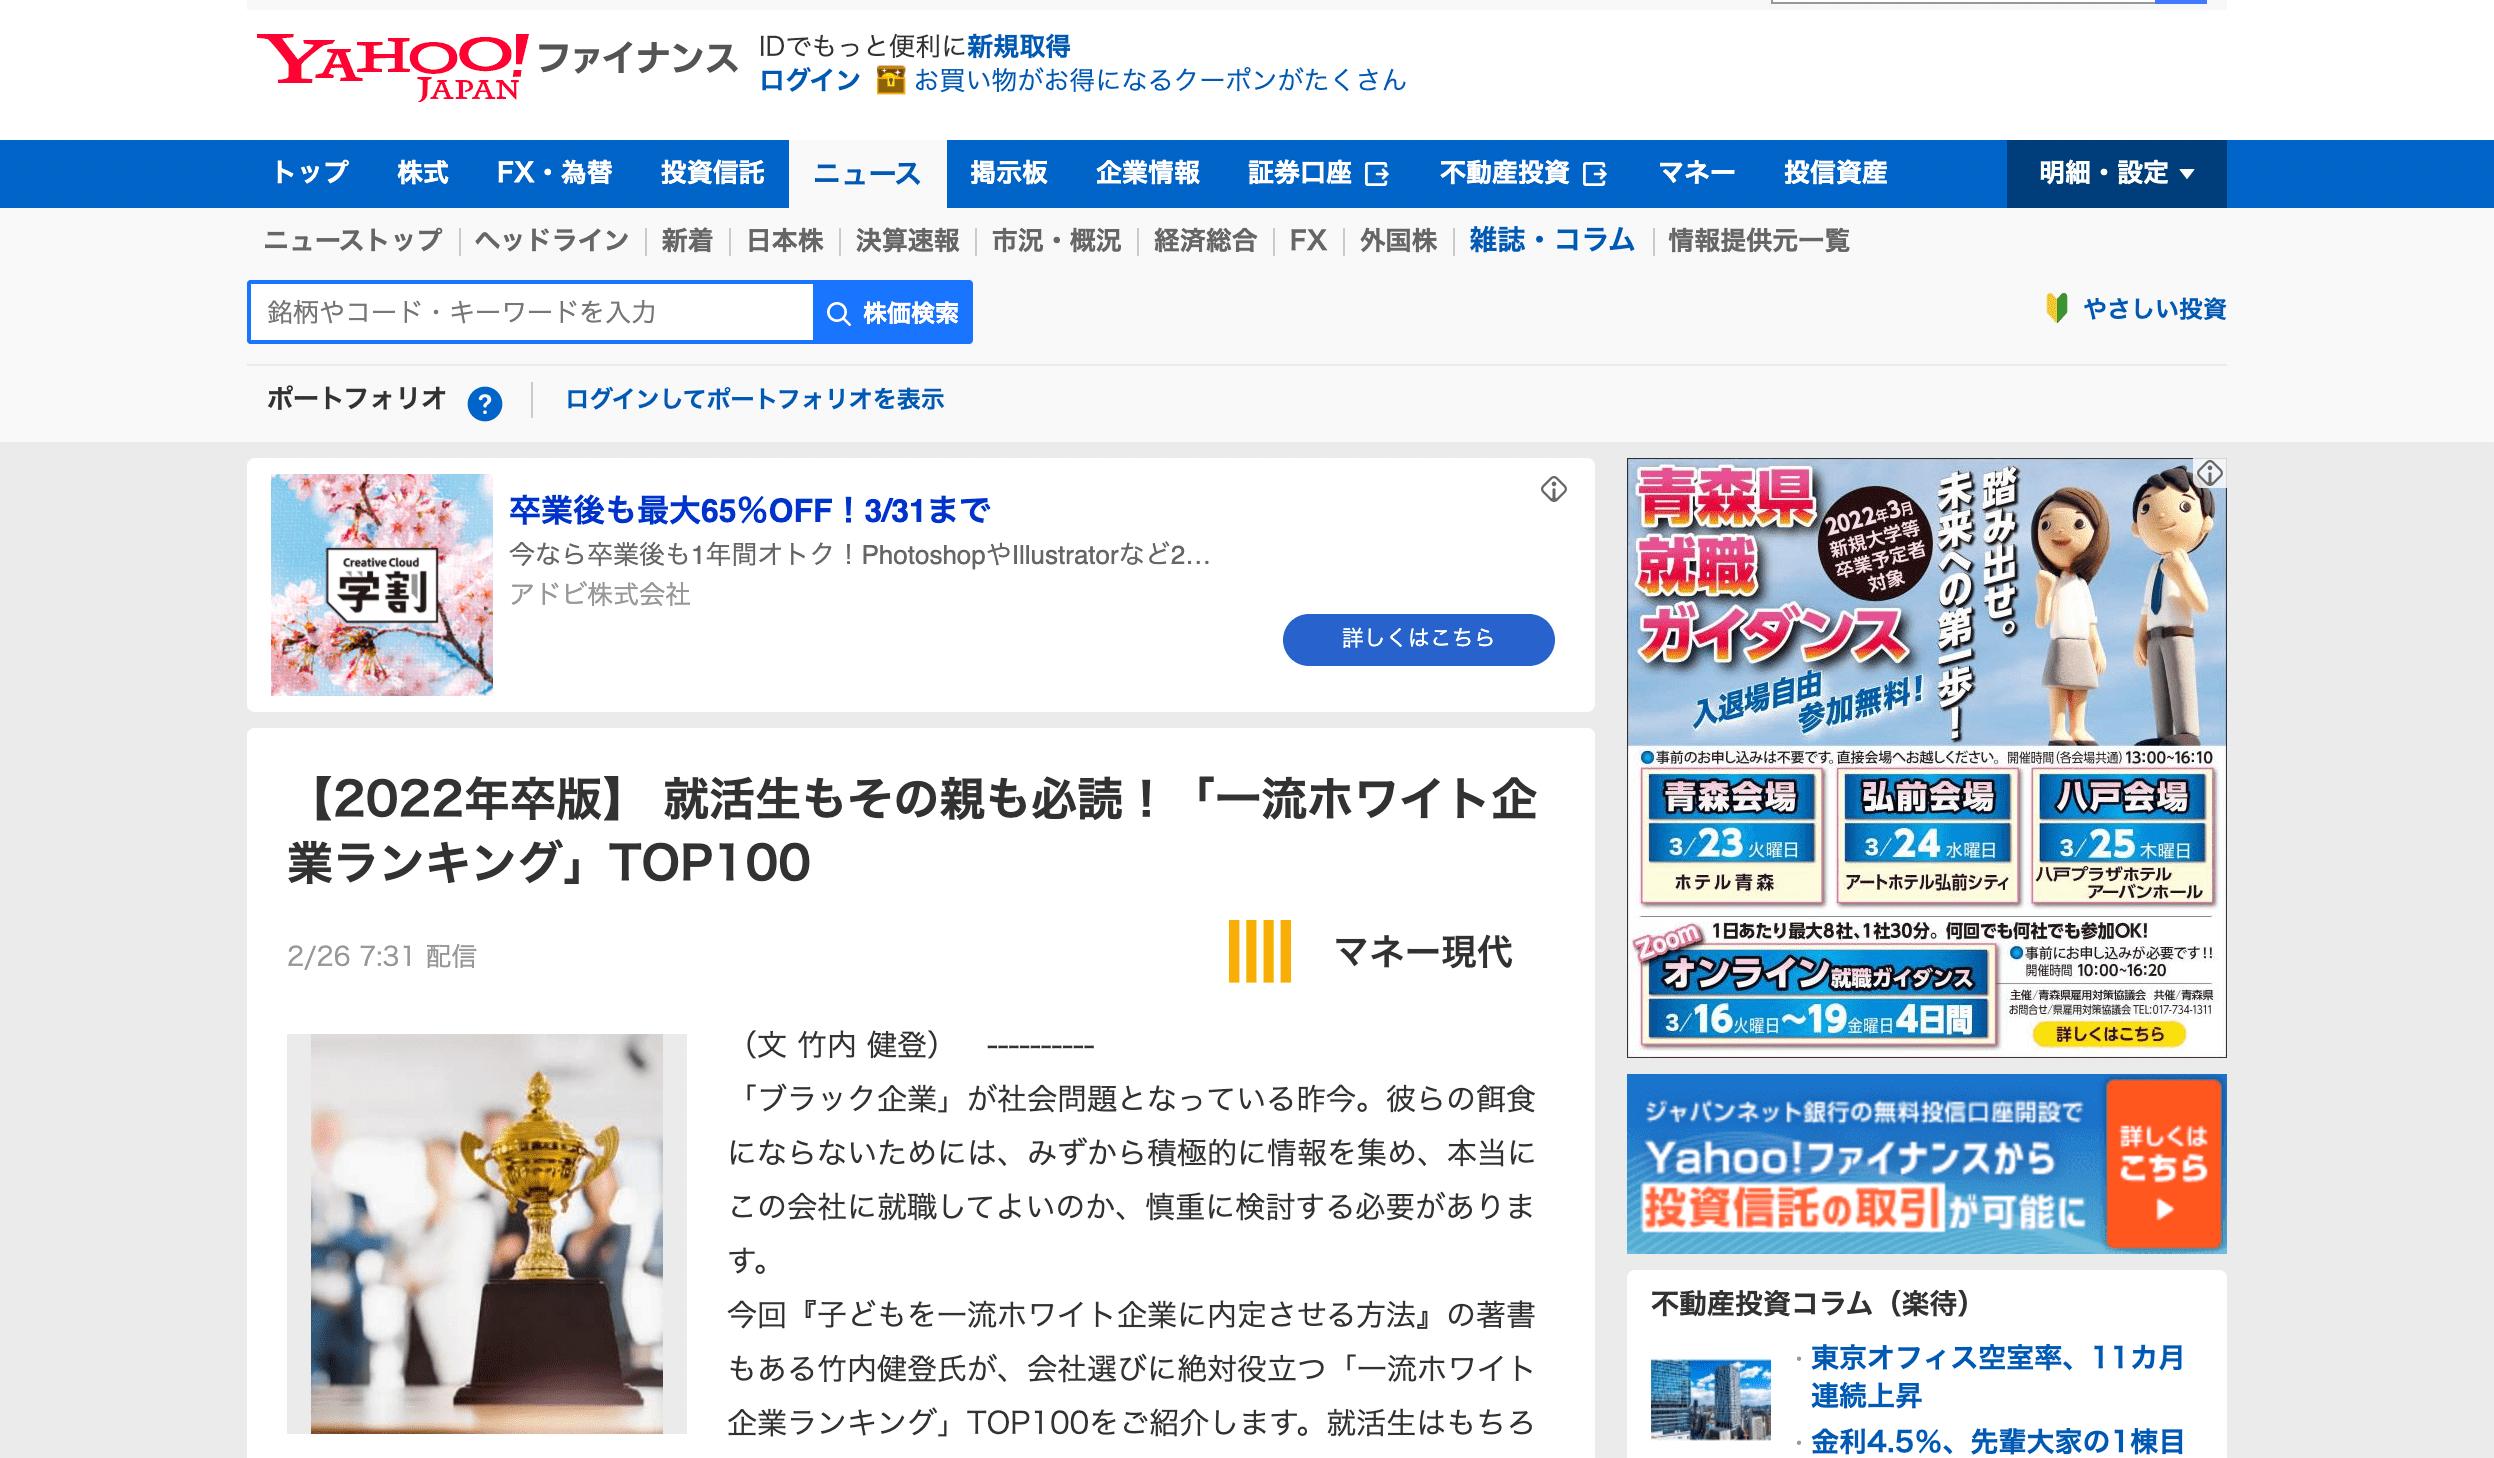 Yahooファイナンスでの紹介記事